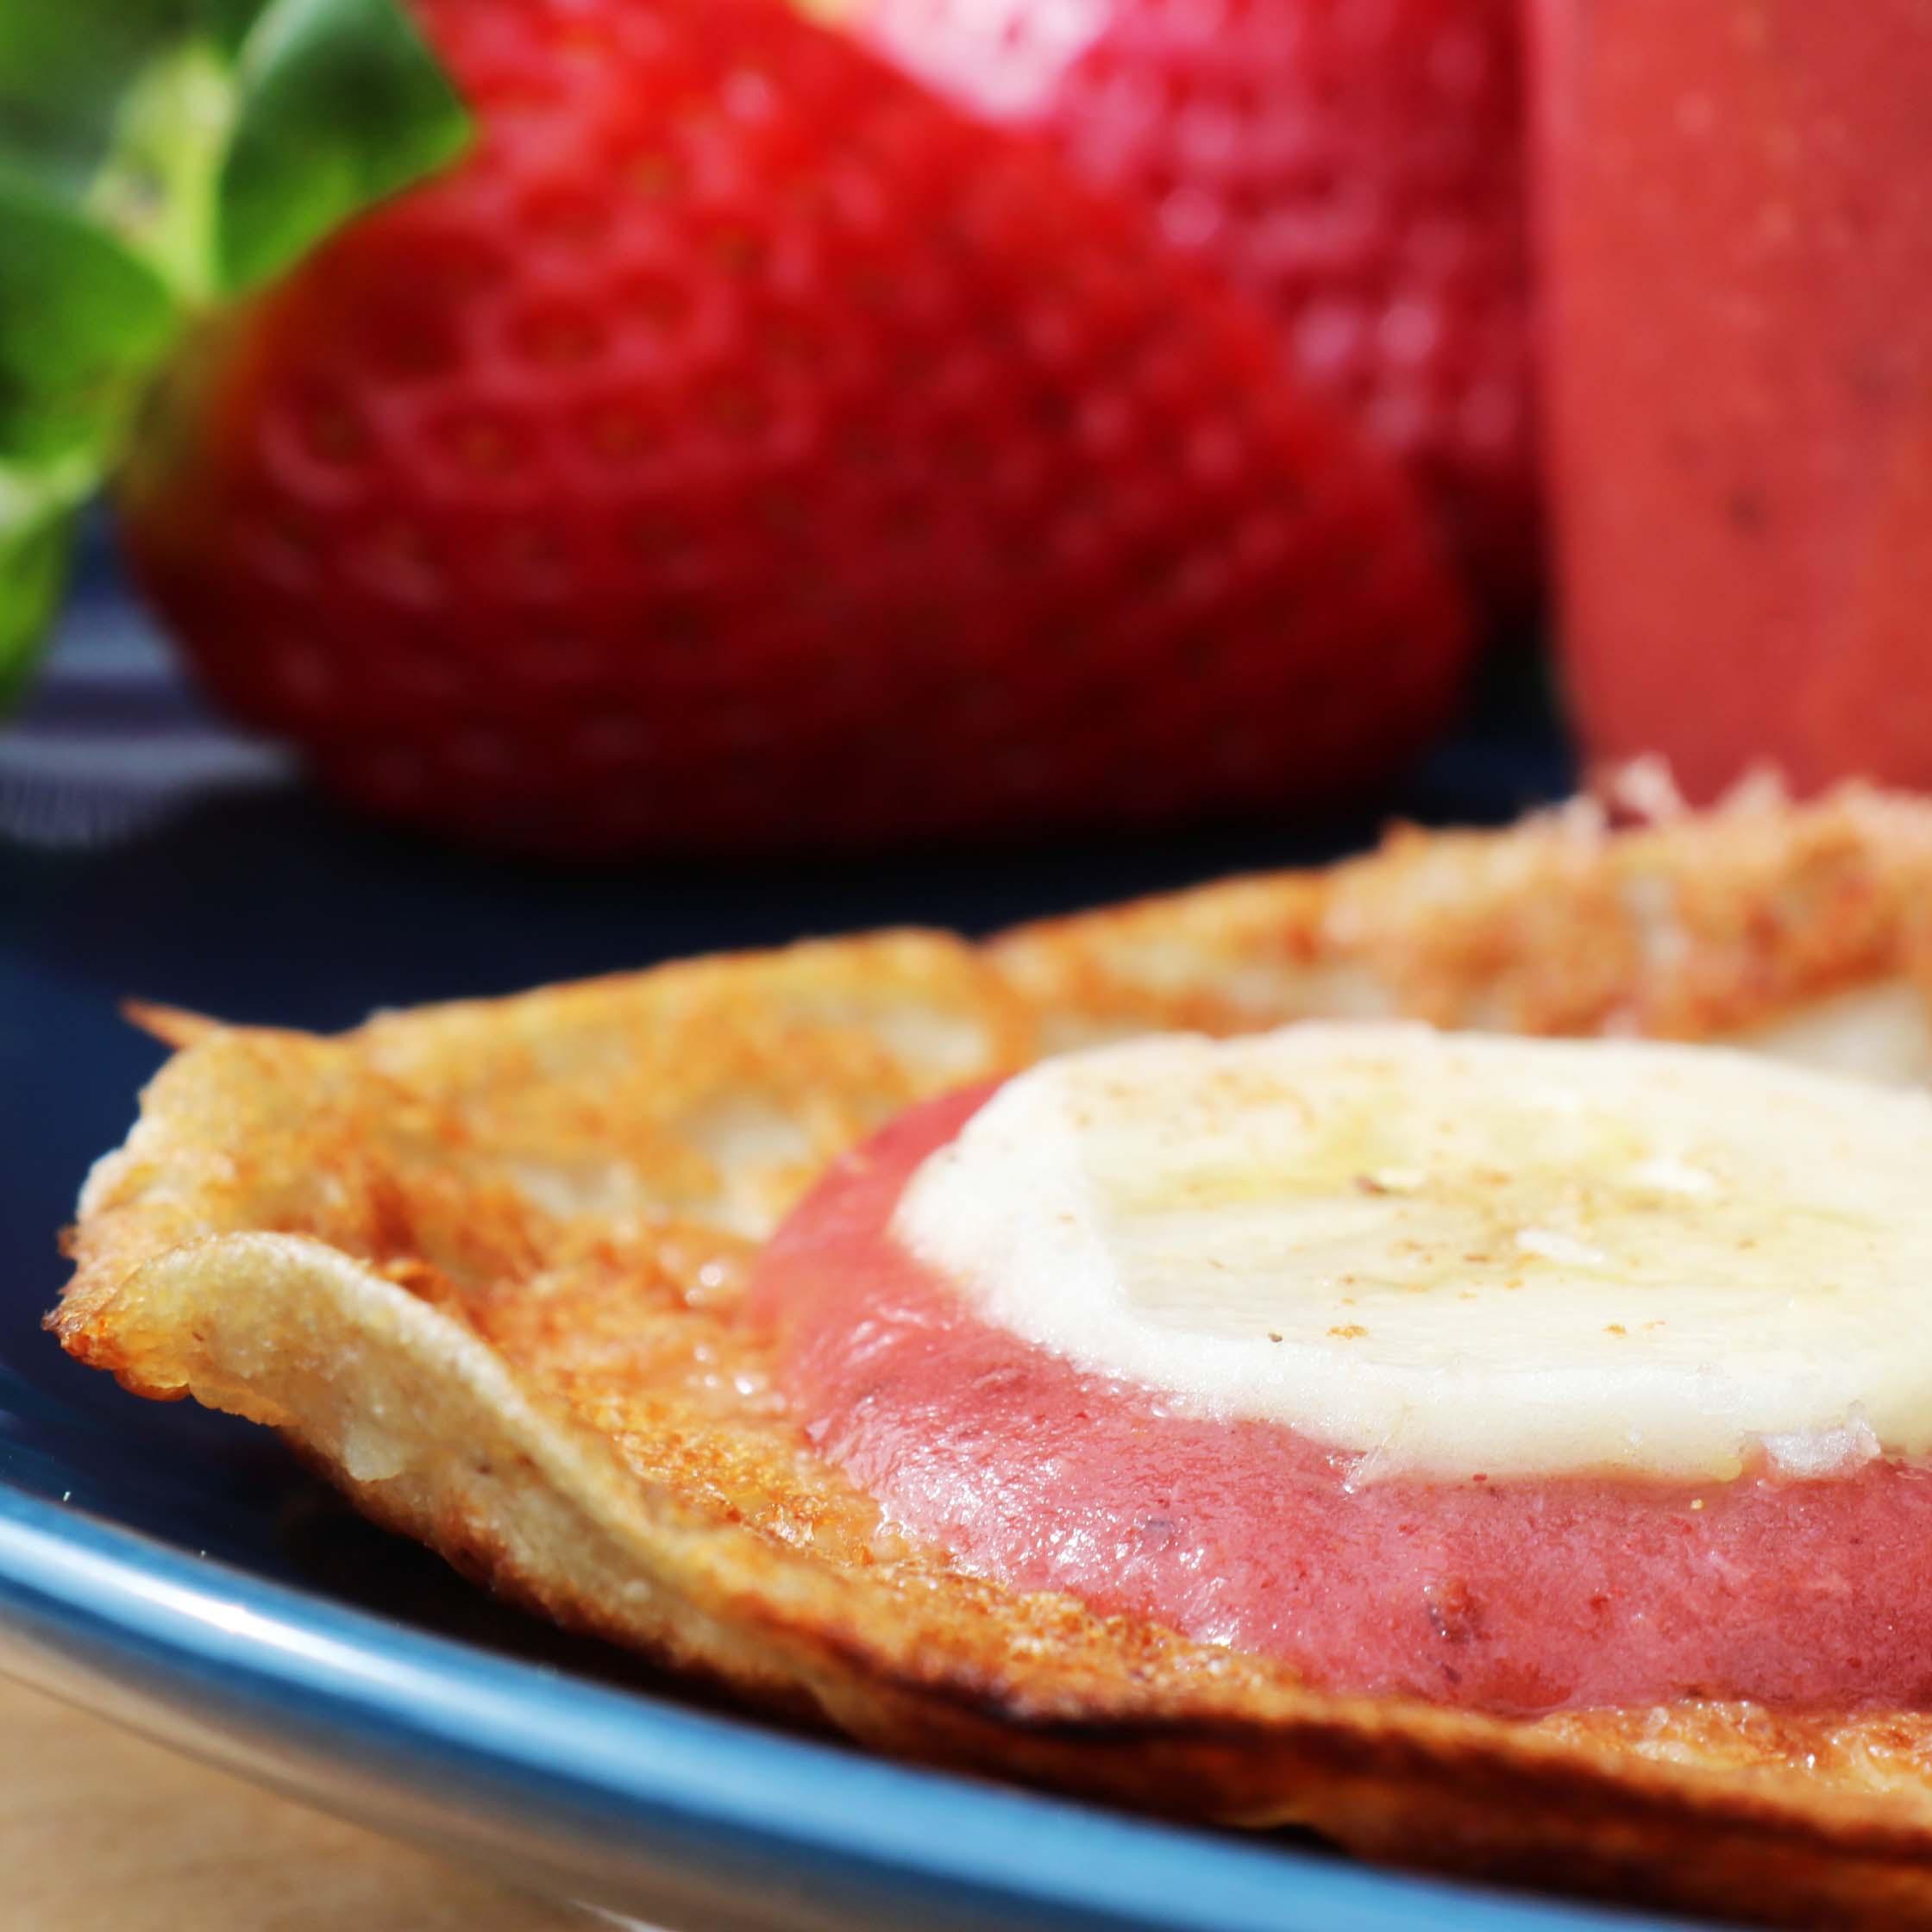 Receta vegana de mermelada de fresas casera